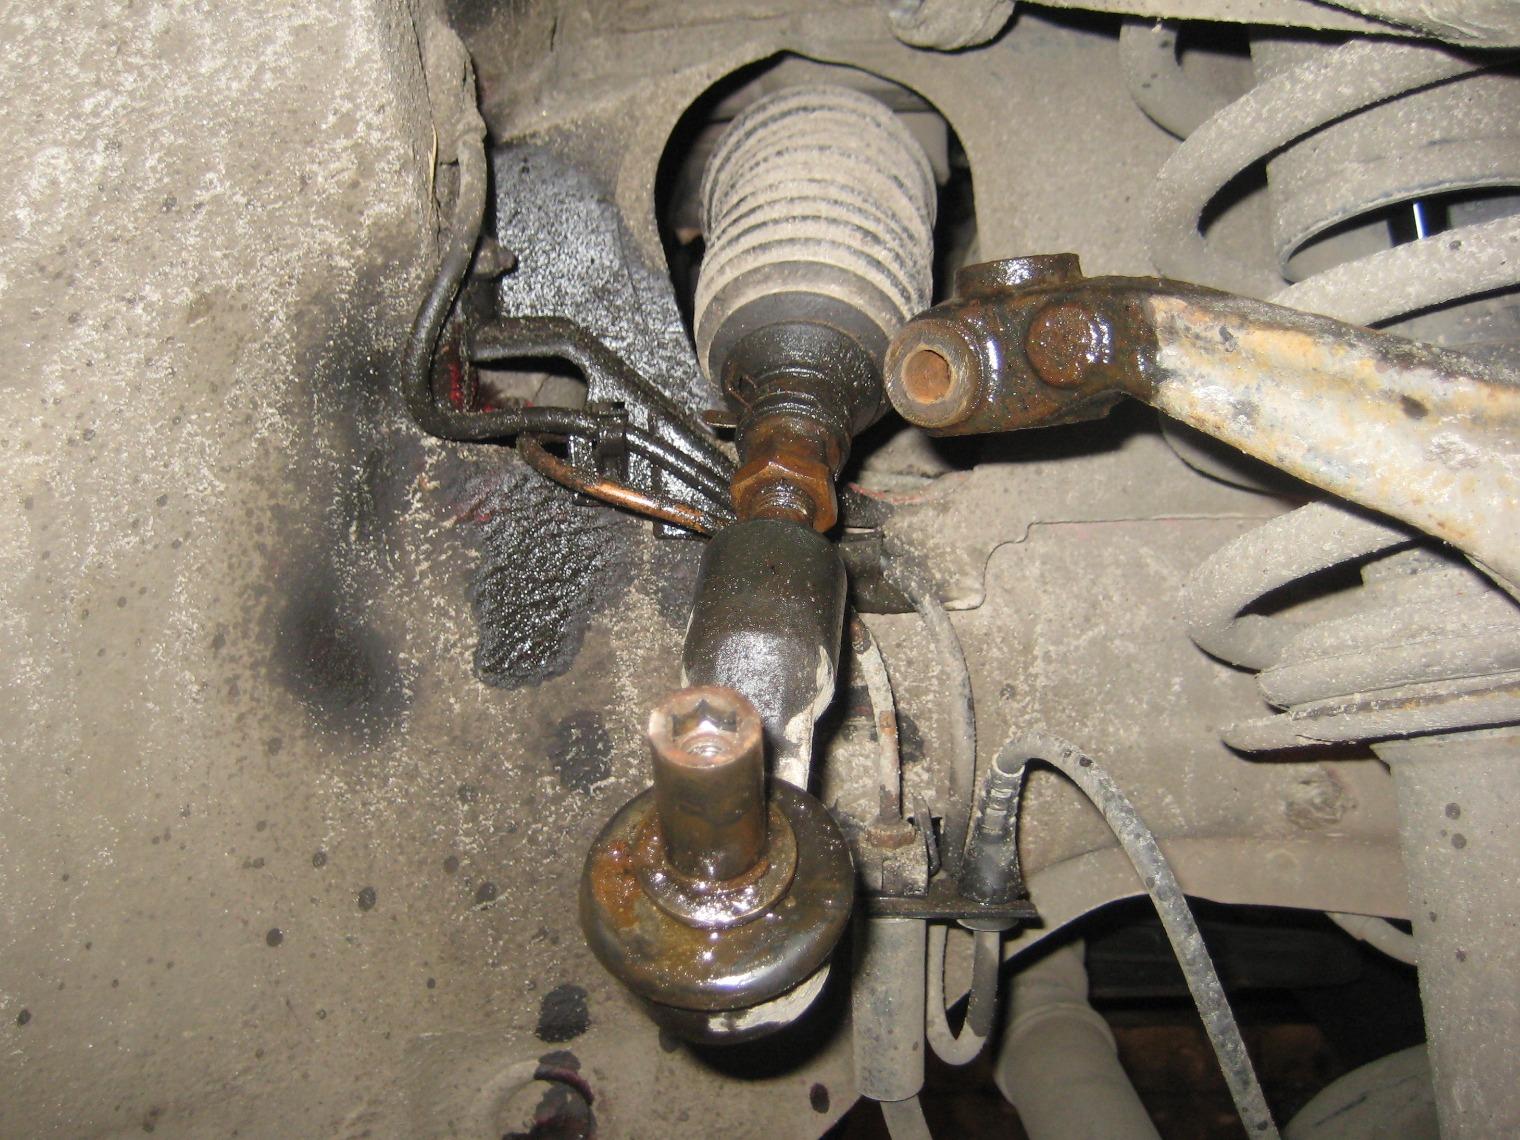 Замена рулевых тяг и наконечников. - logbook Audi A6 1998 on DRIVE2